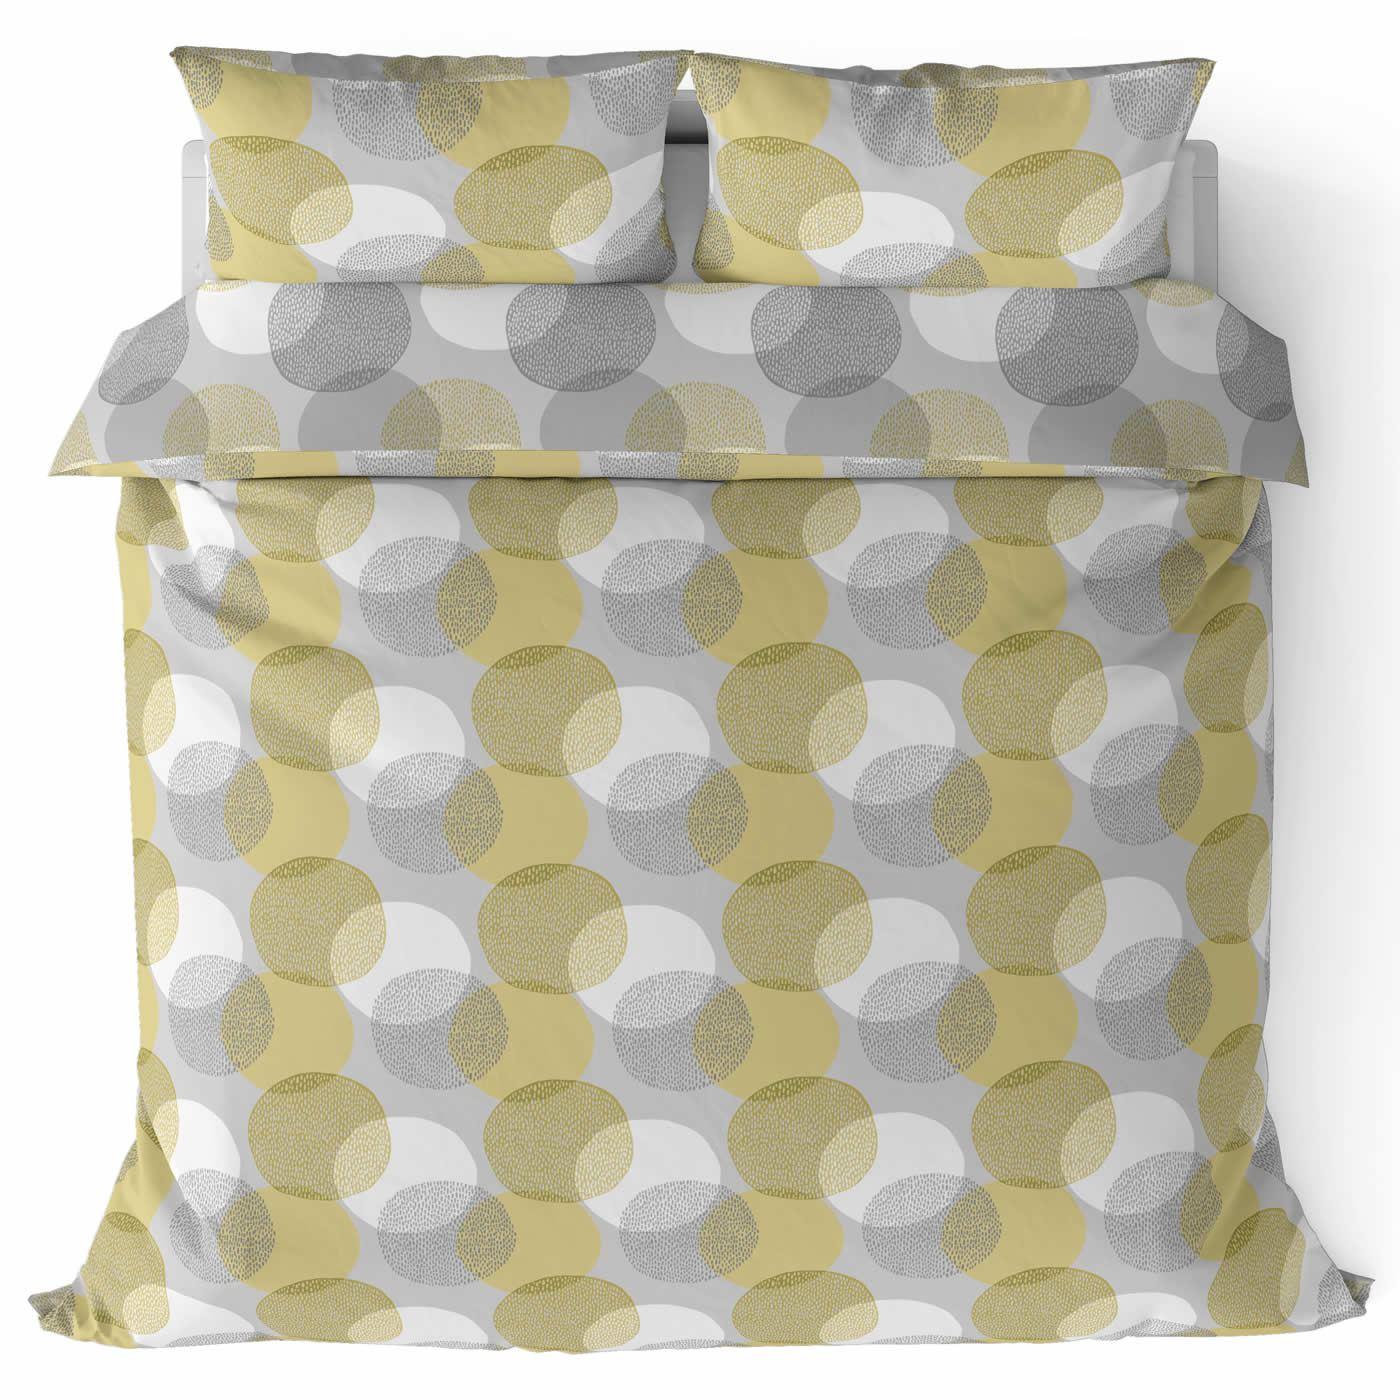 Mostaza-amarillo-ocre-Funda-de-edredon-impreso-Edredon-juego-ropa-de-cama-cubre-conjuntos miniatura 47